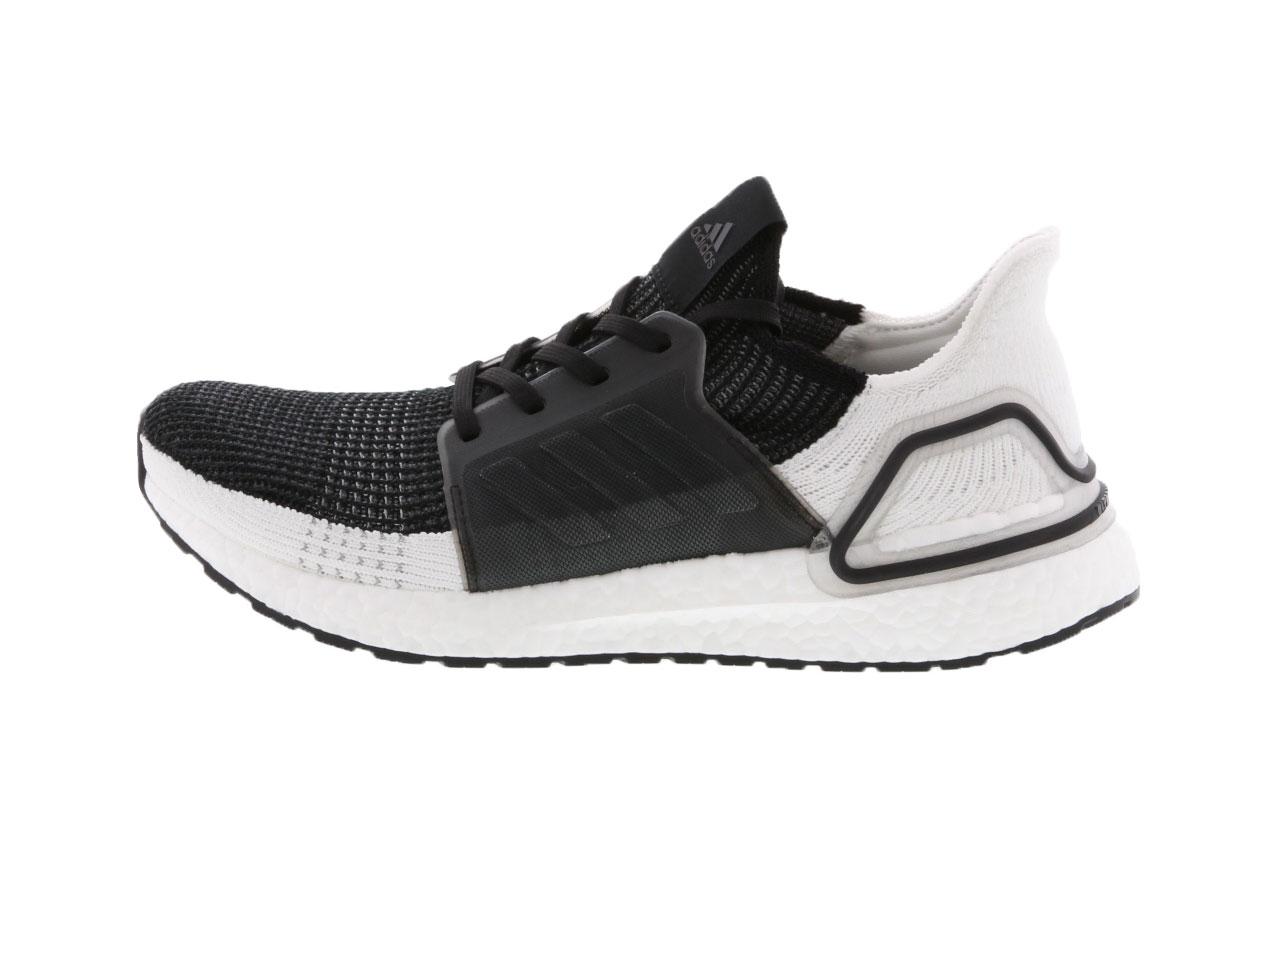 【全品ポイント10倍!期間限定★今すぐエントリー!(4/1~4/30)】adidas UltraBOOST 19(B37704)【アディダス】【メンズファッション】【スニーカー】【シューズ】【靴】【フットウェア】